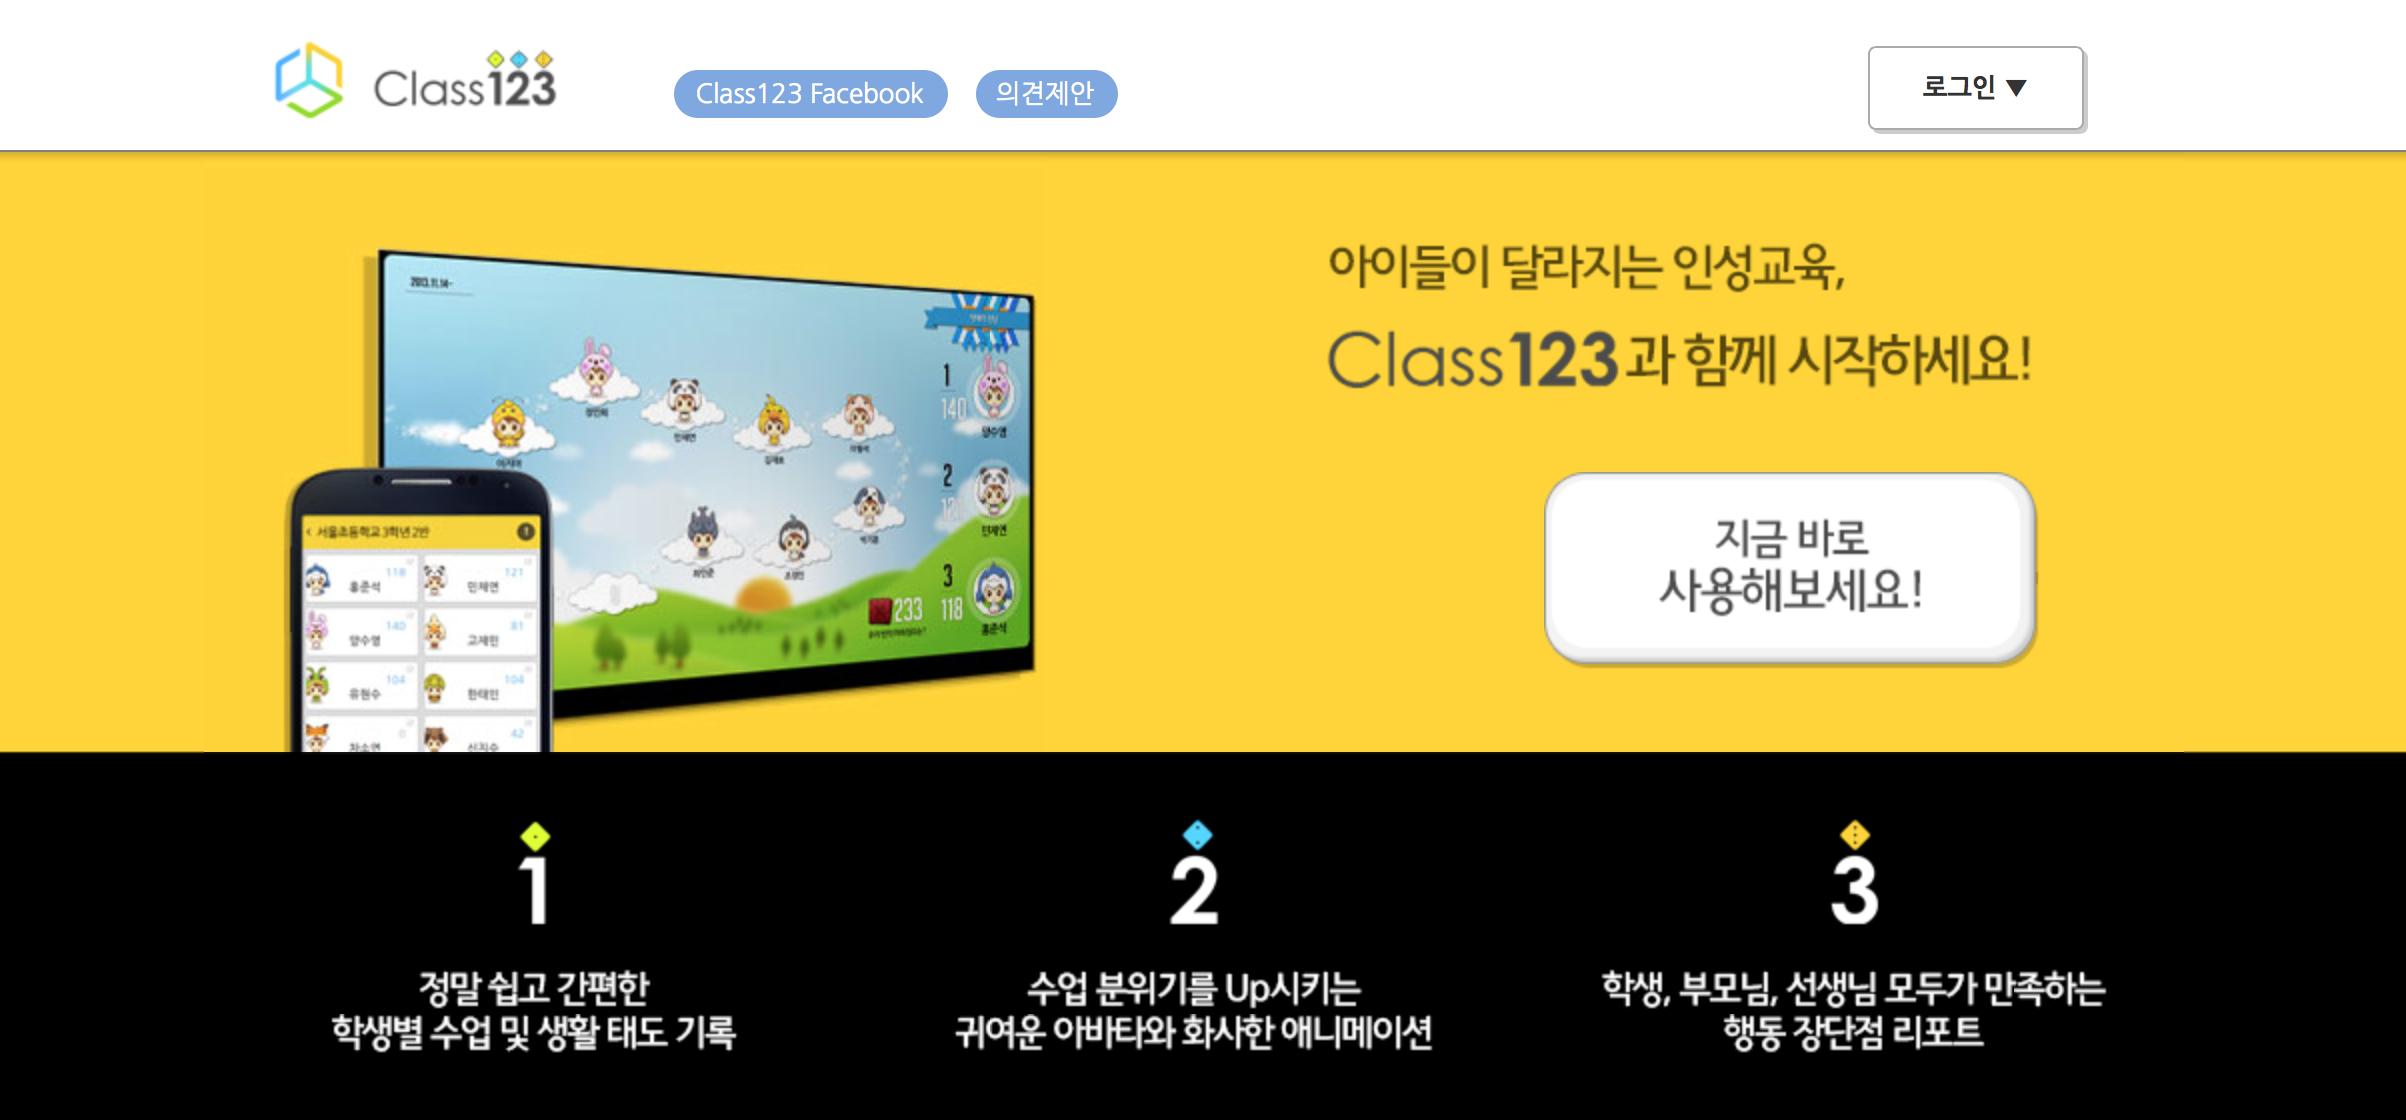 클래스123의 특징, 홈페이지 캡쳐